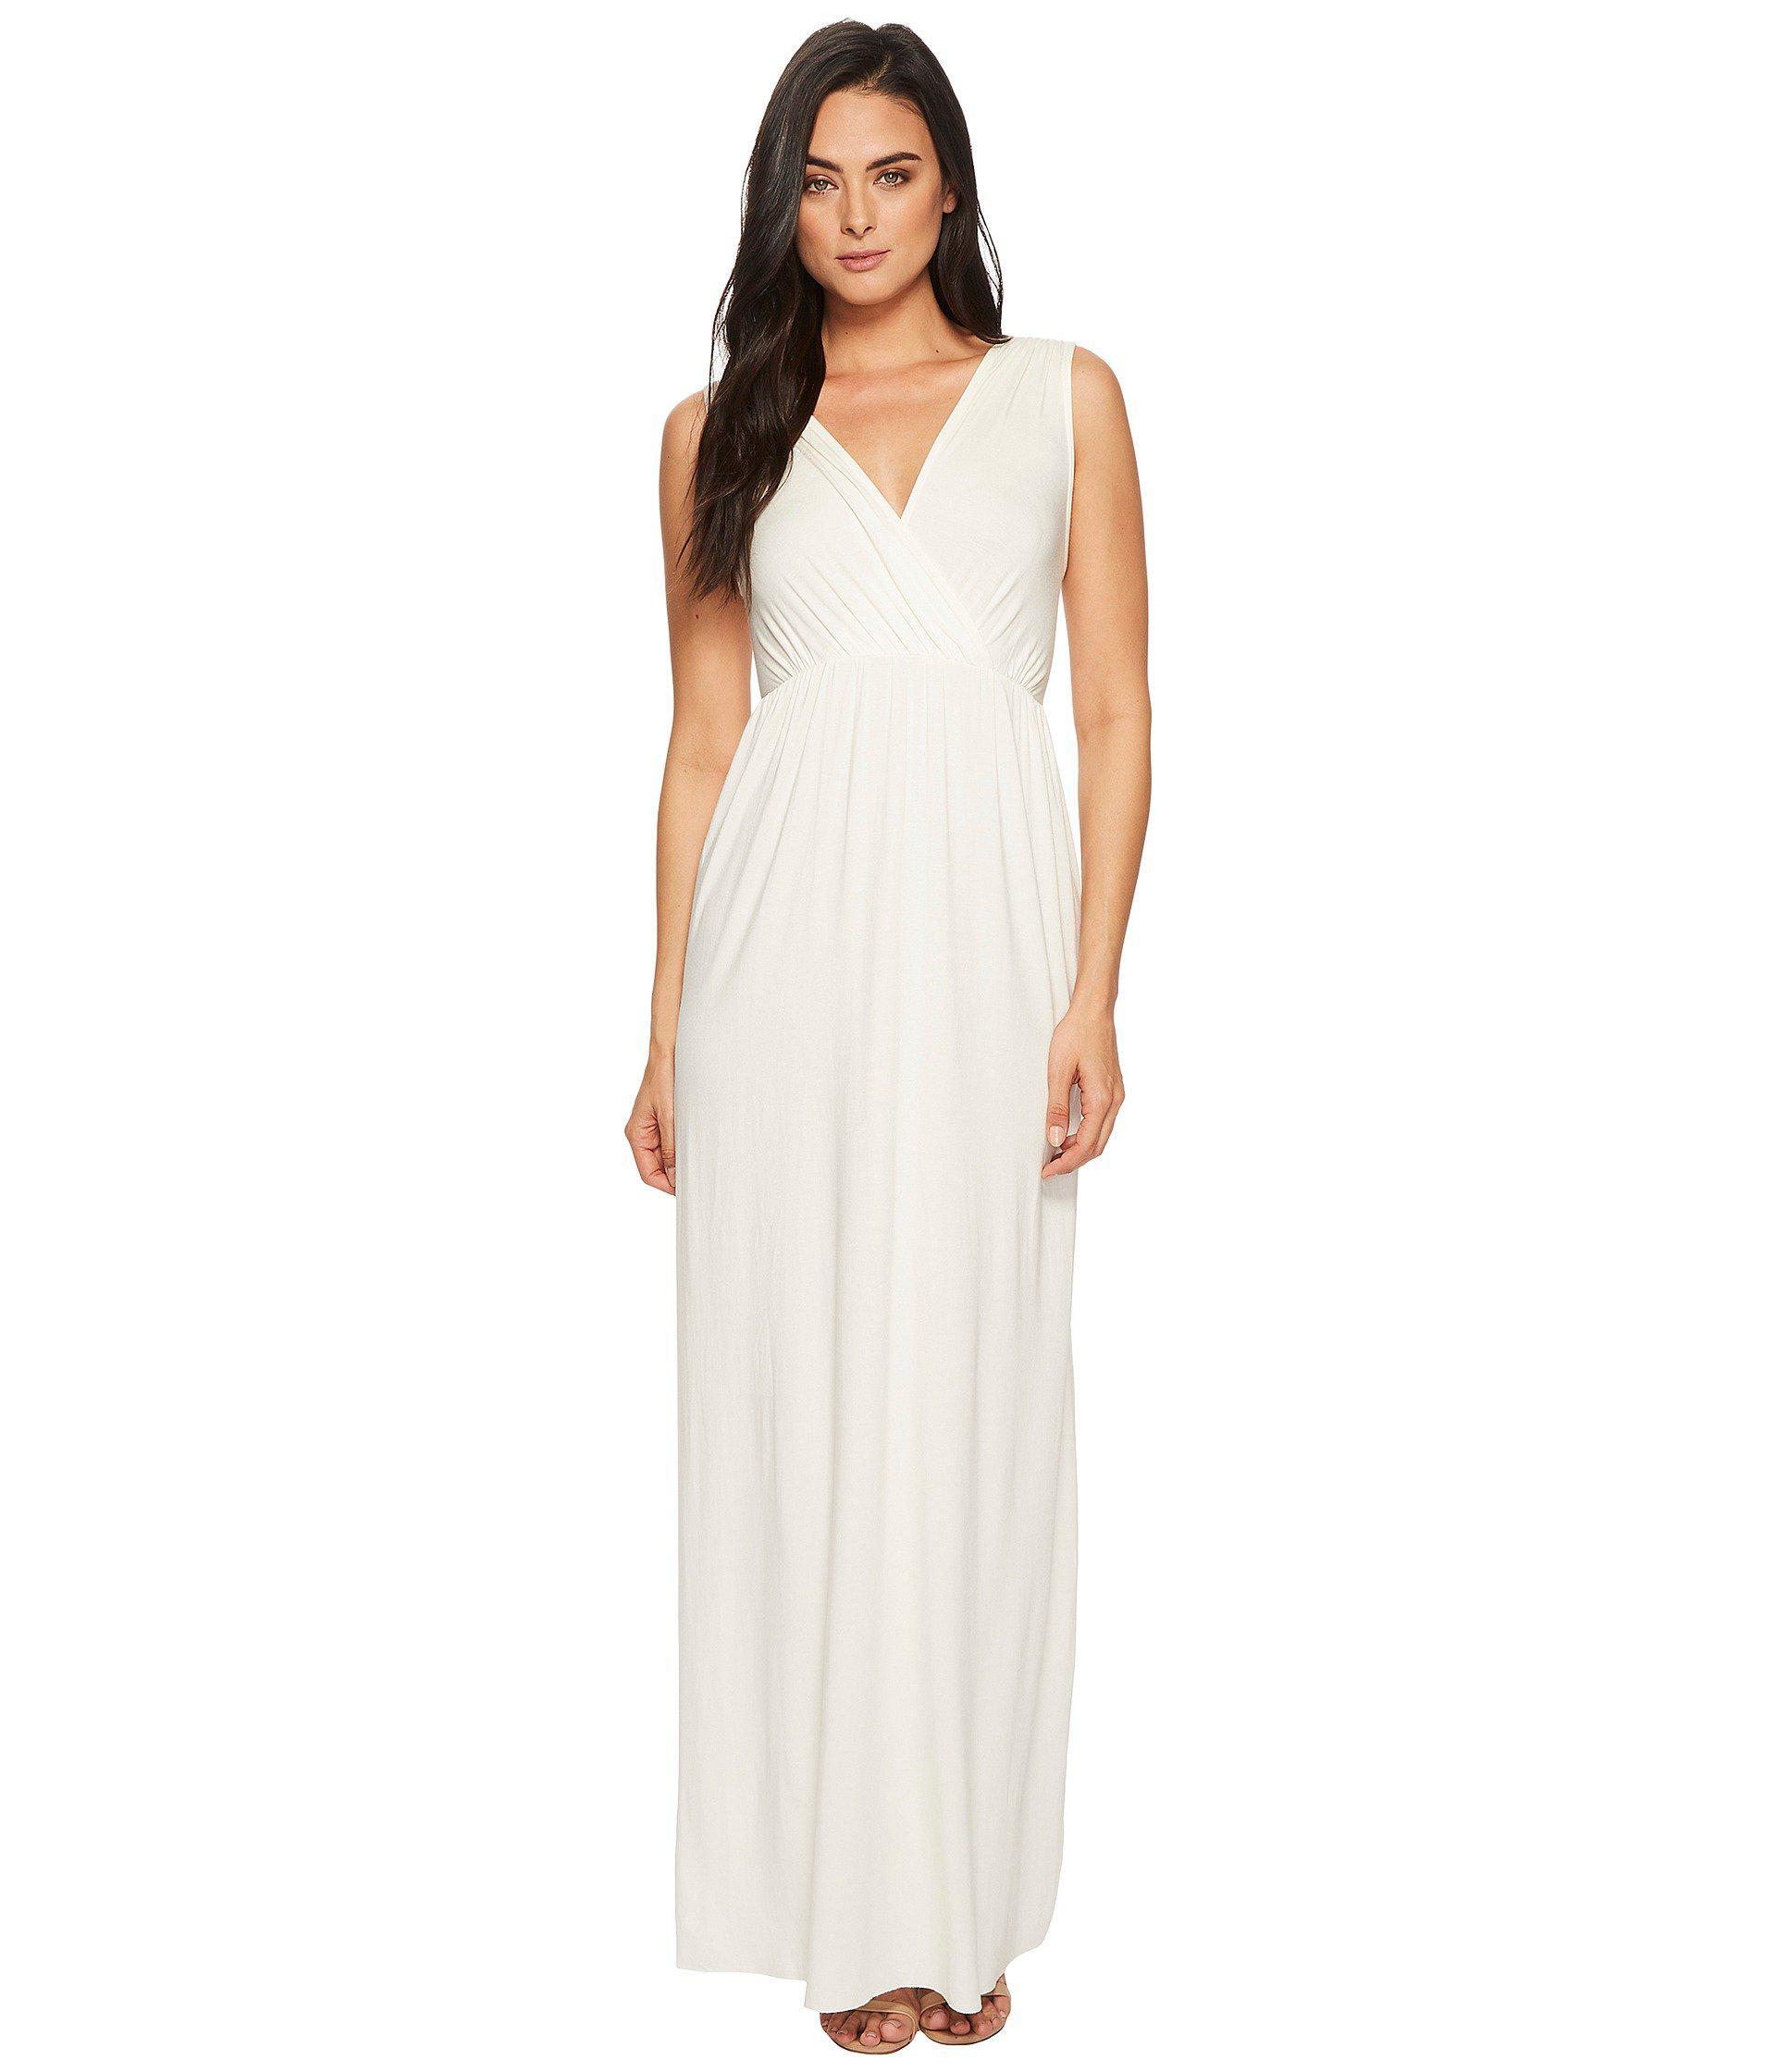 Rachel Pally Womens Morning Dress White - Dresses